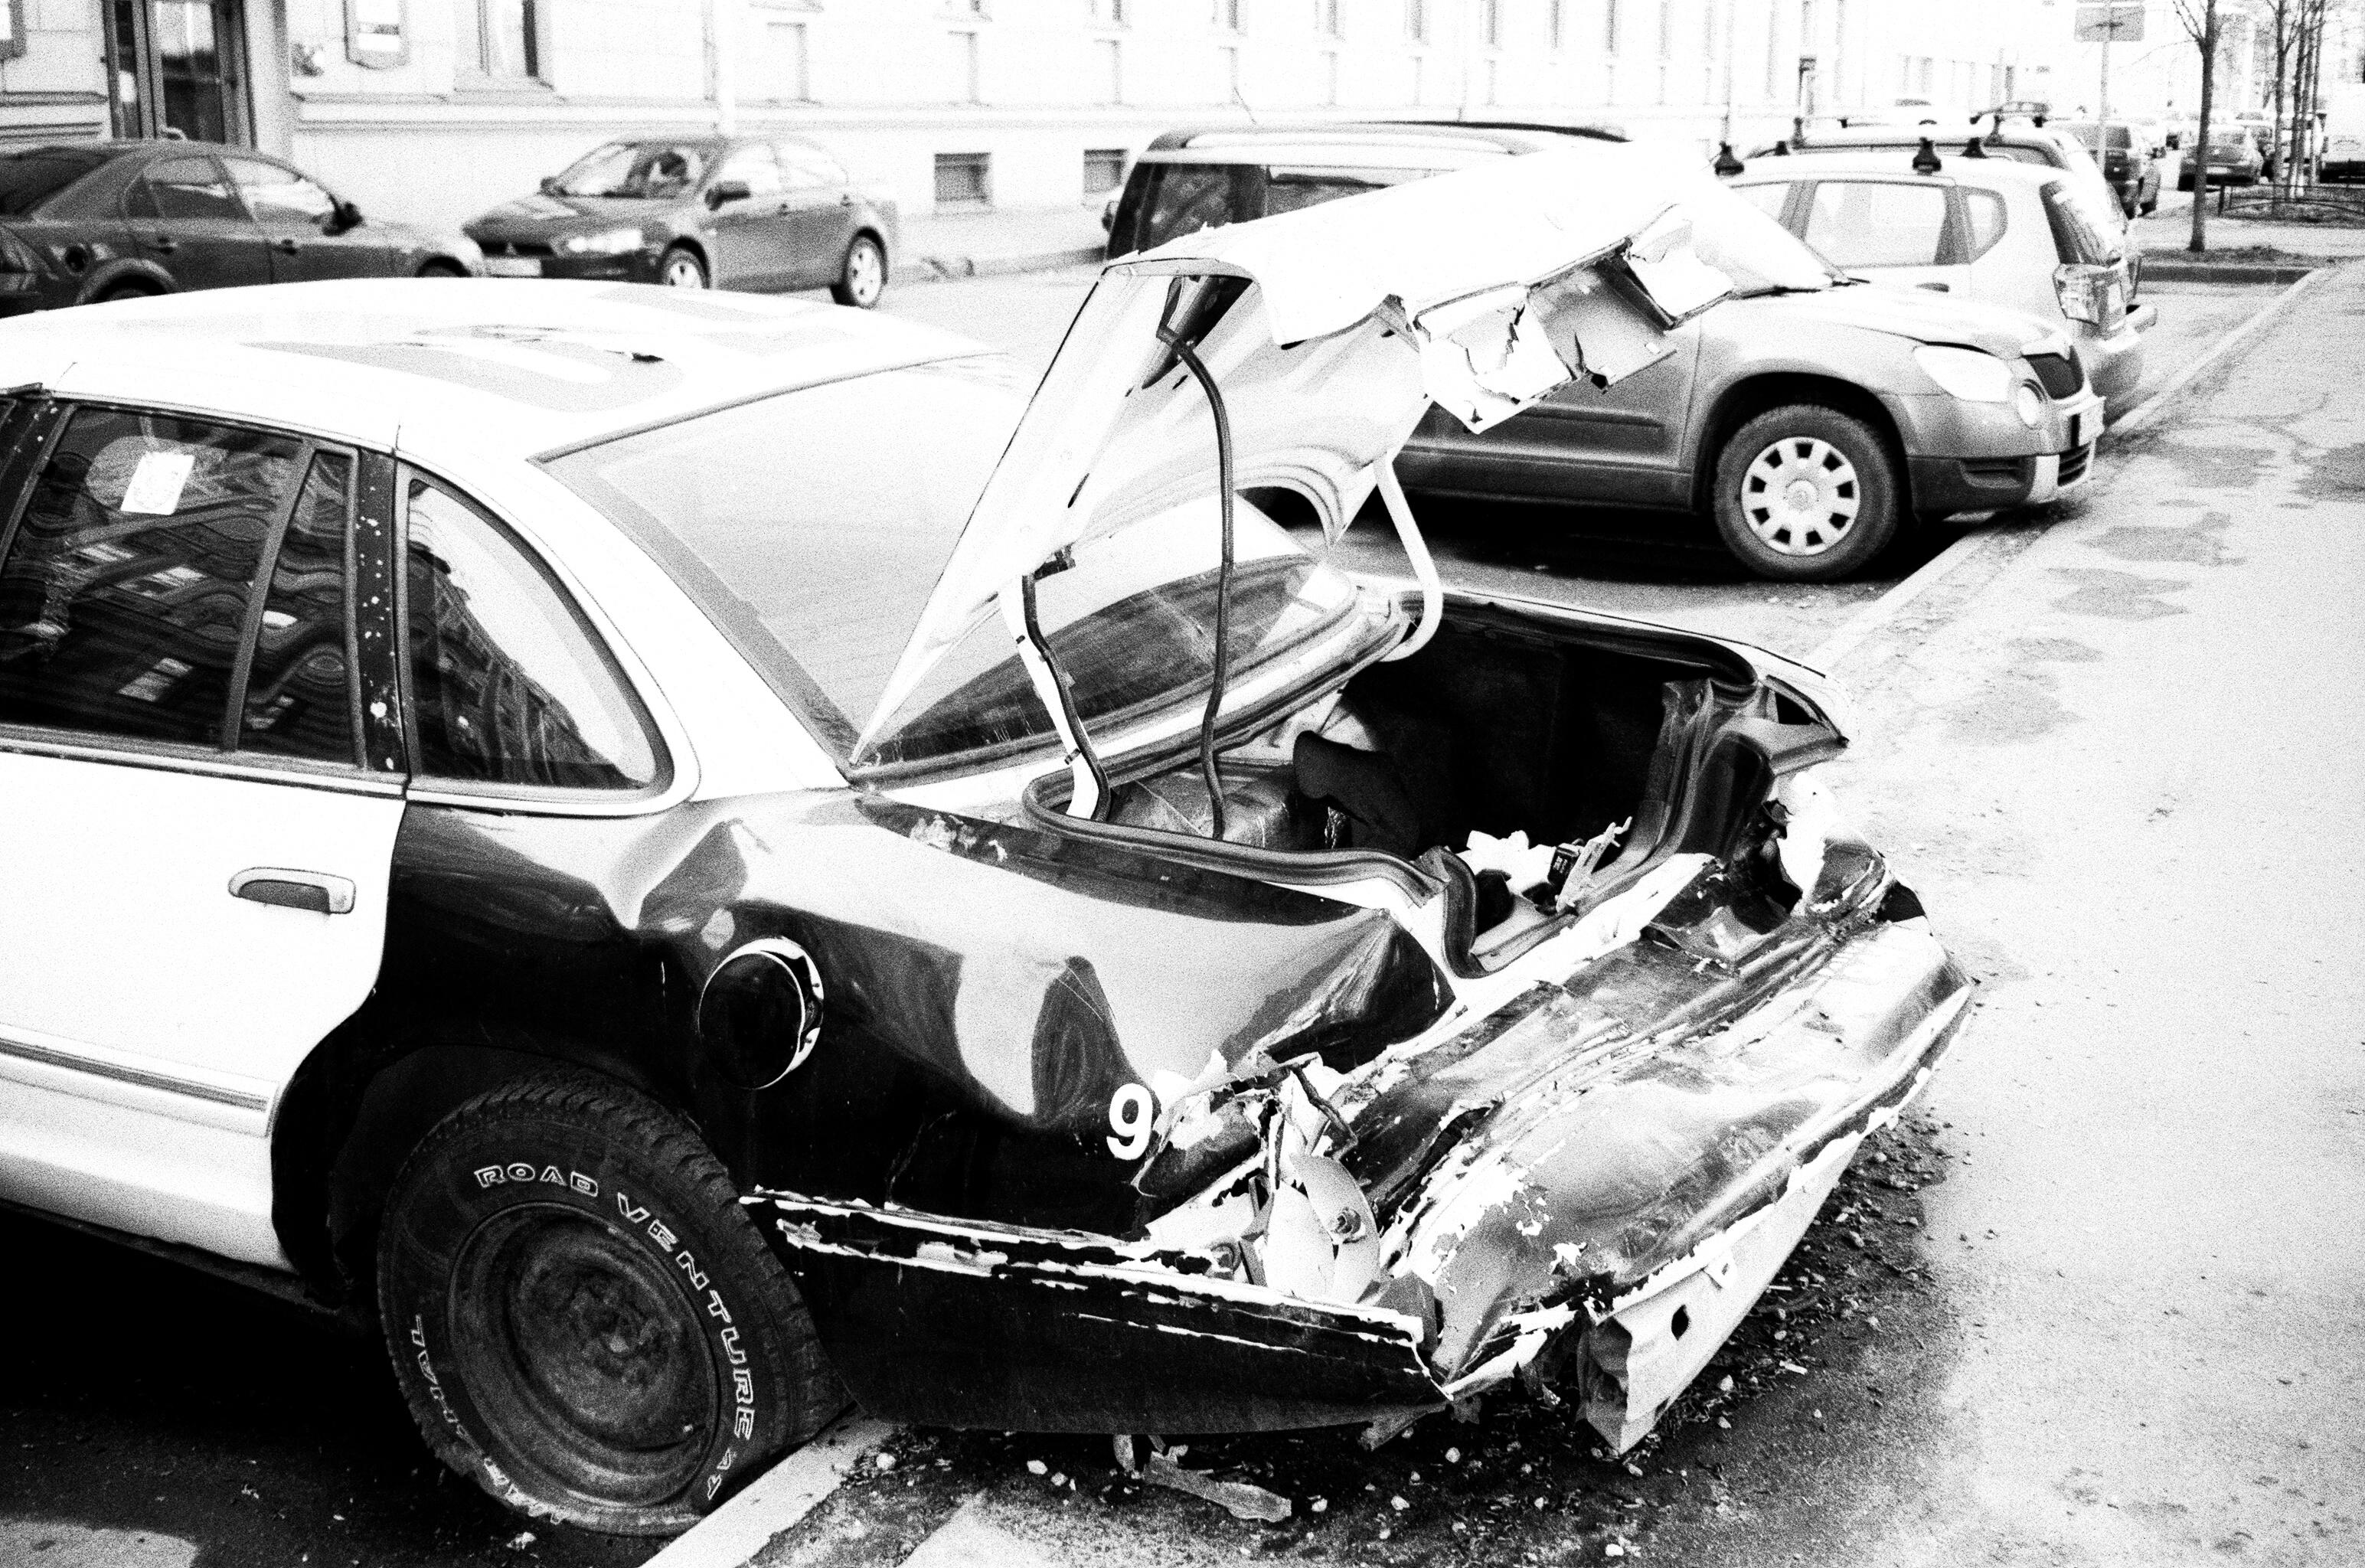 cosa fare in caso di incidente stradale approfondimento avvocatoflash